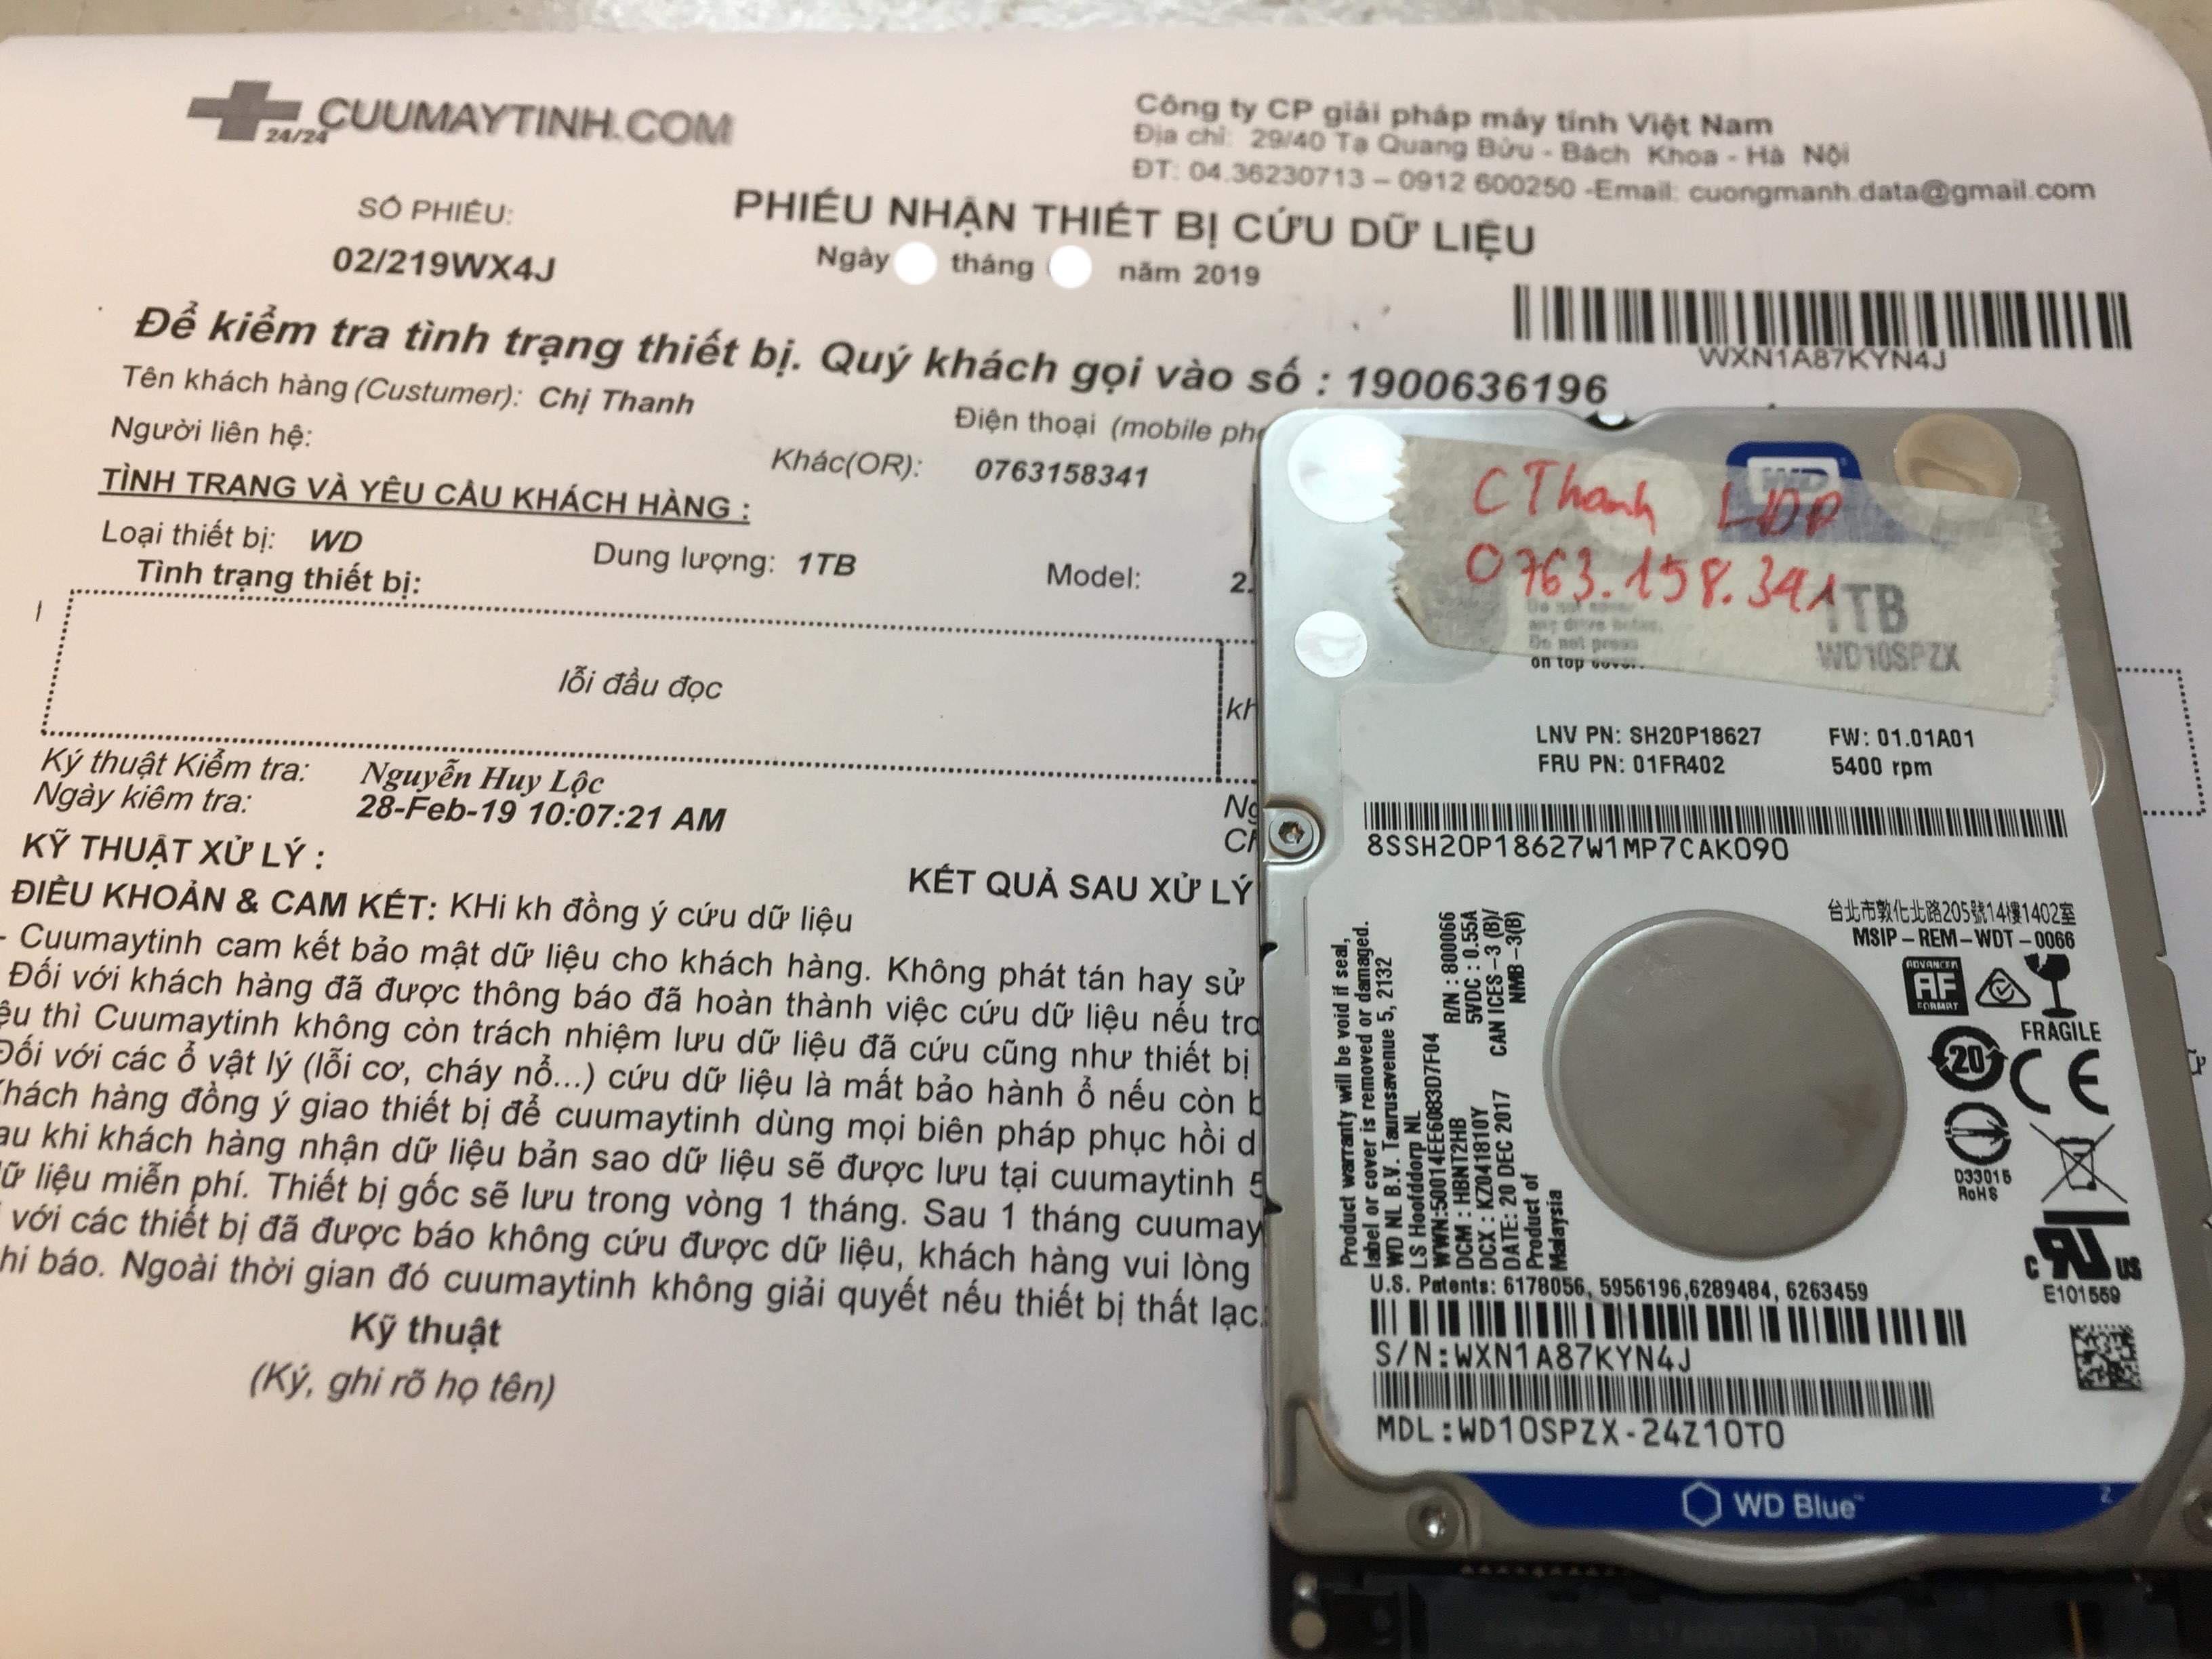 Cứu dữ liệu ổ cứng Western 1TB lỗi đầu đọc 01/03/2019 - cuumaytinh